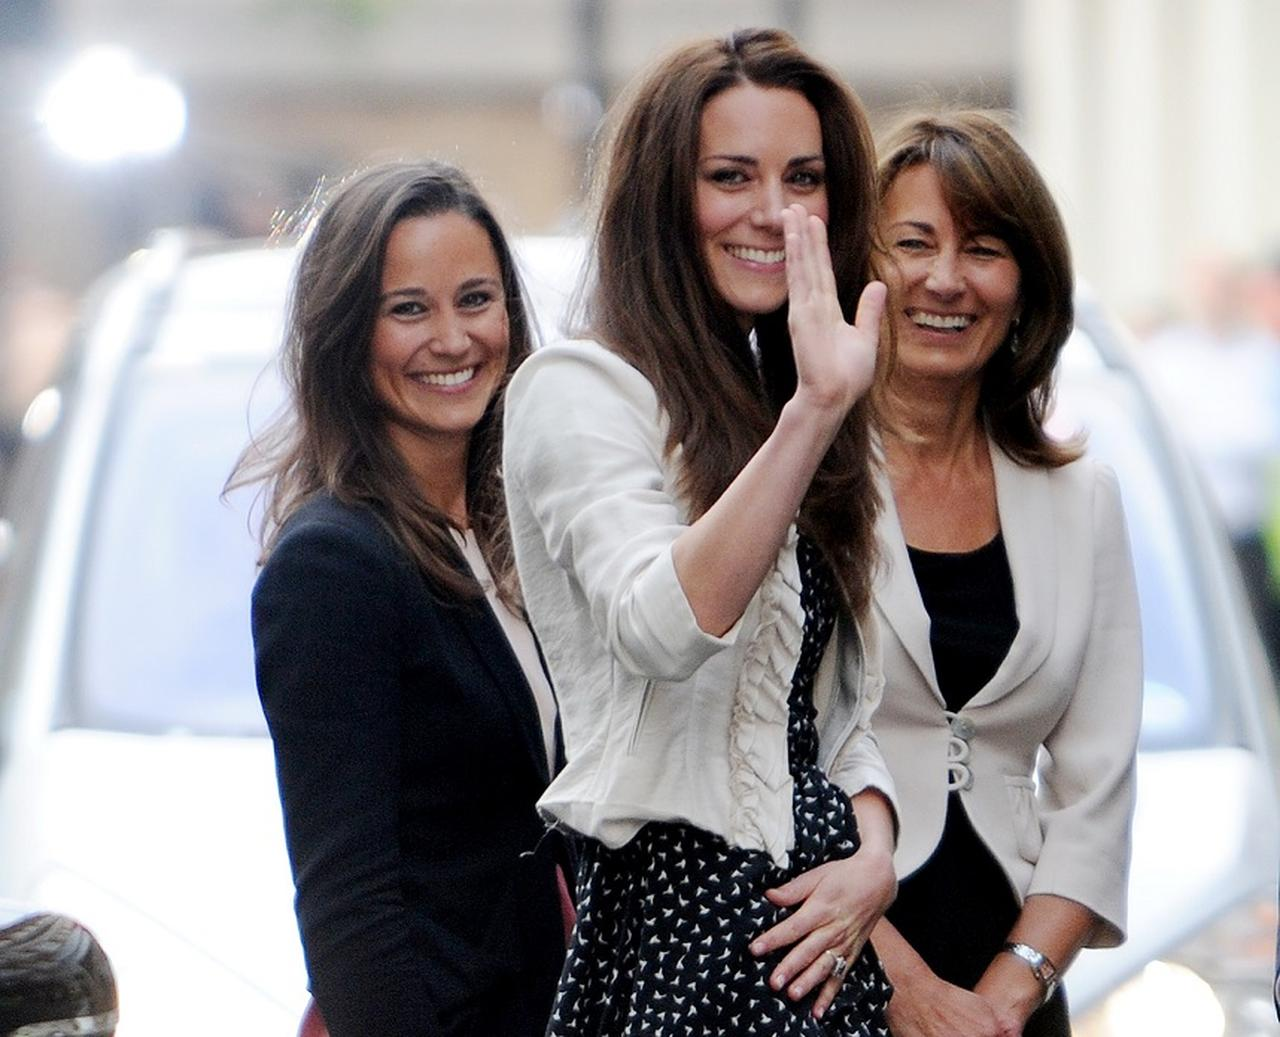 画像: 左から:キャサリン妃の妹ピッパ・ミドルトン、キャサリン妃、母のキャロル・ミドルトン。